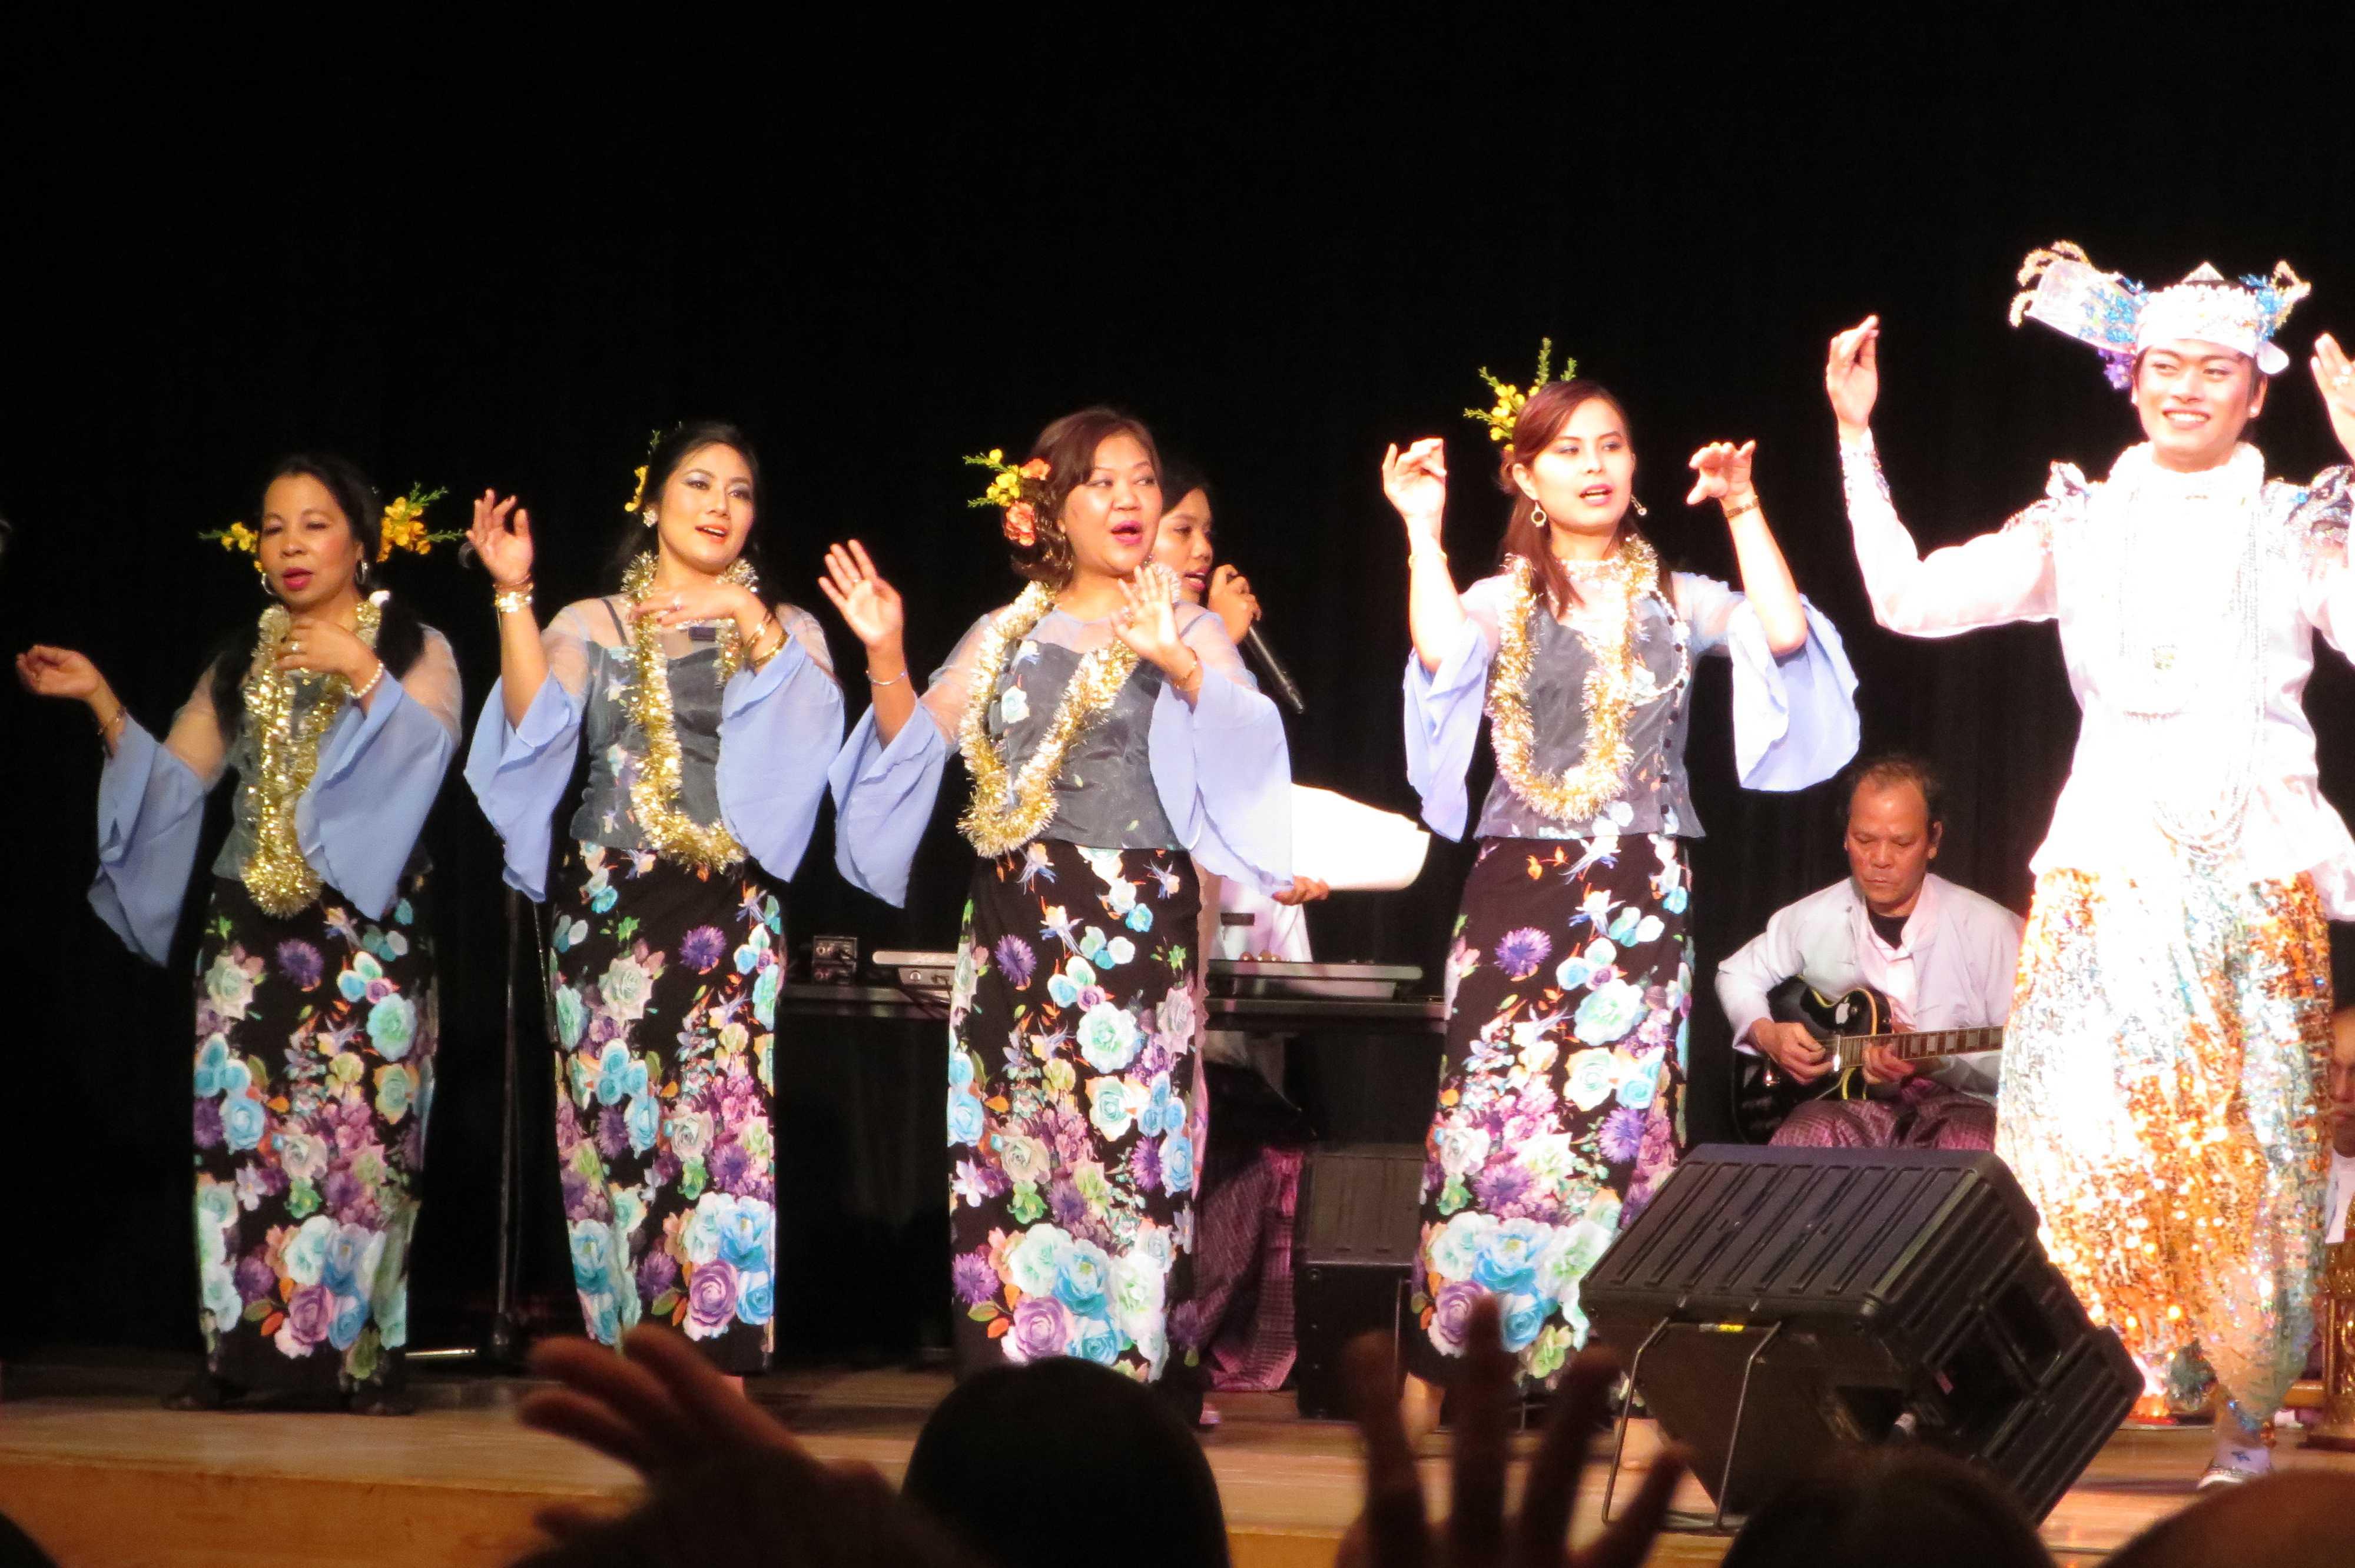 ミャンマーの伝統的な踊り - ミャンマー祭り2016